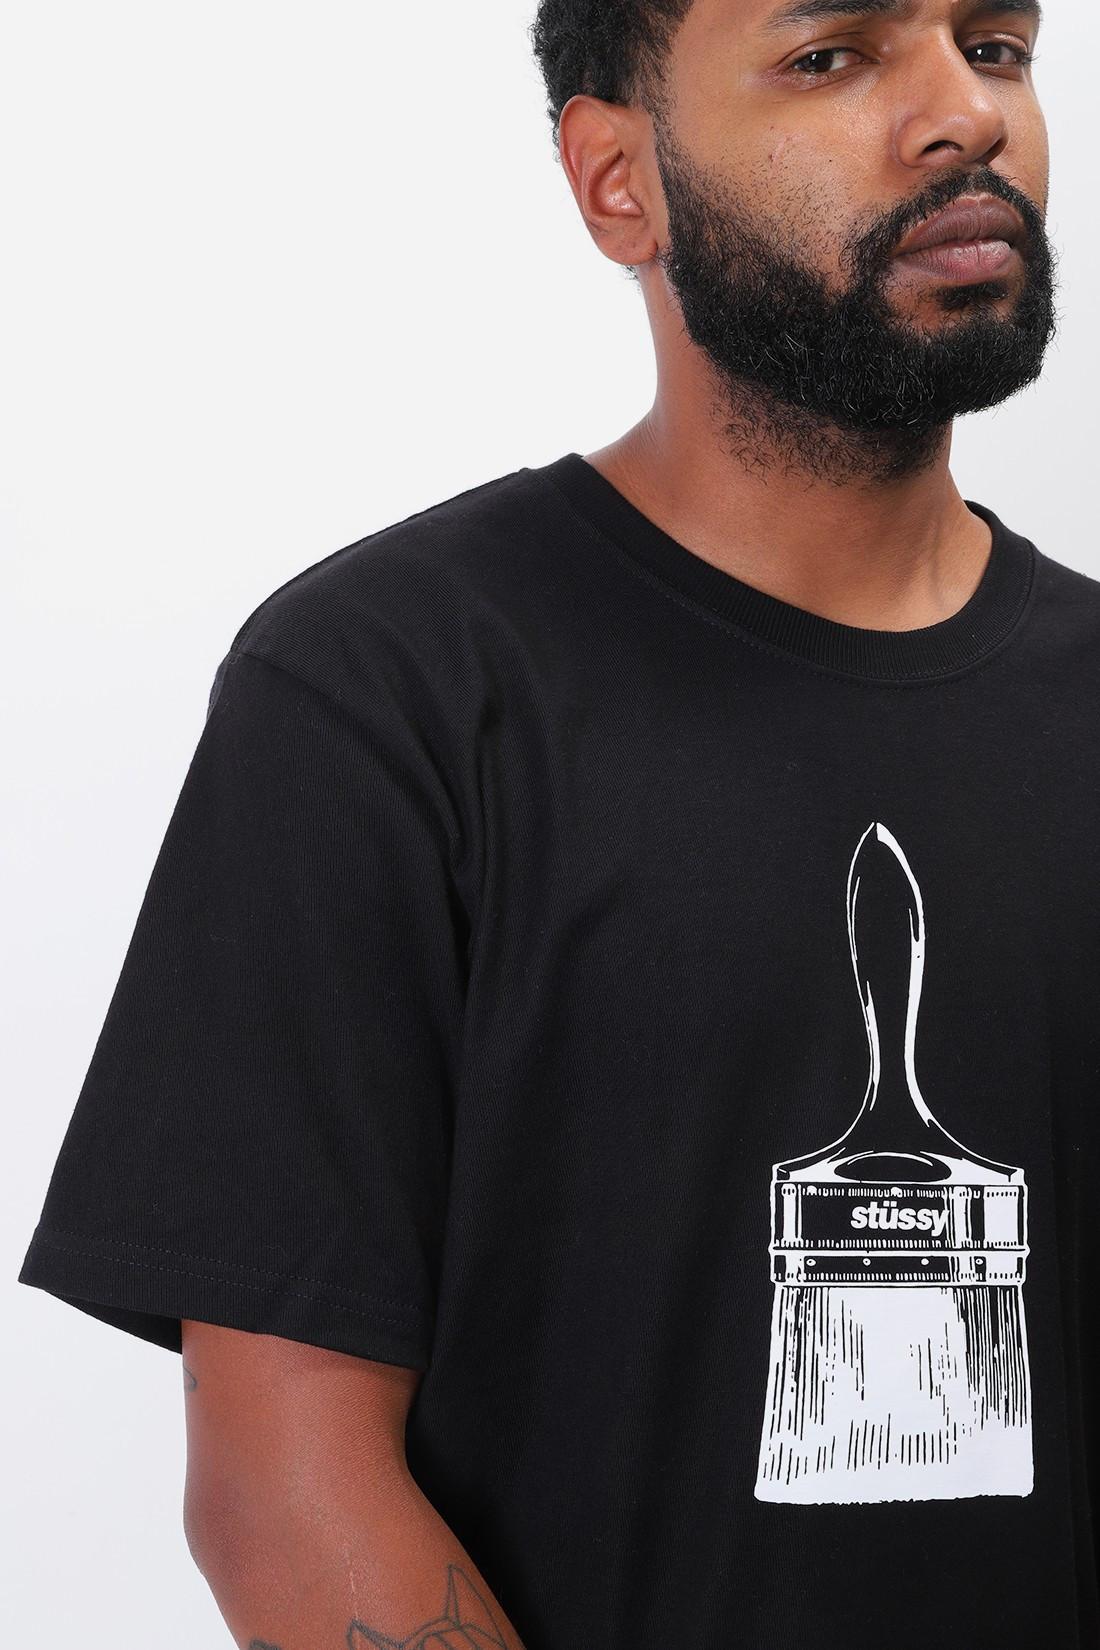 STUSSY / Paintbrush tee Black